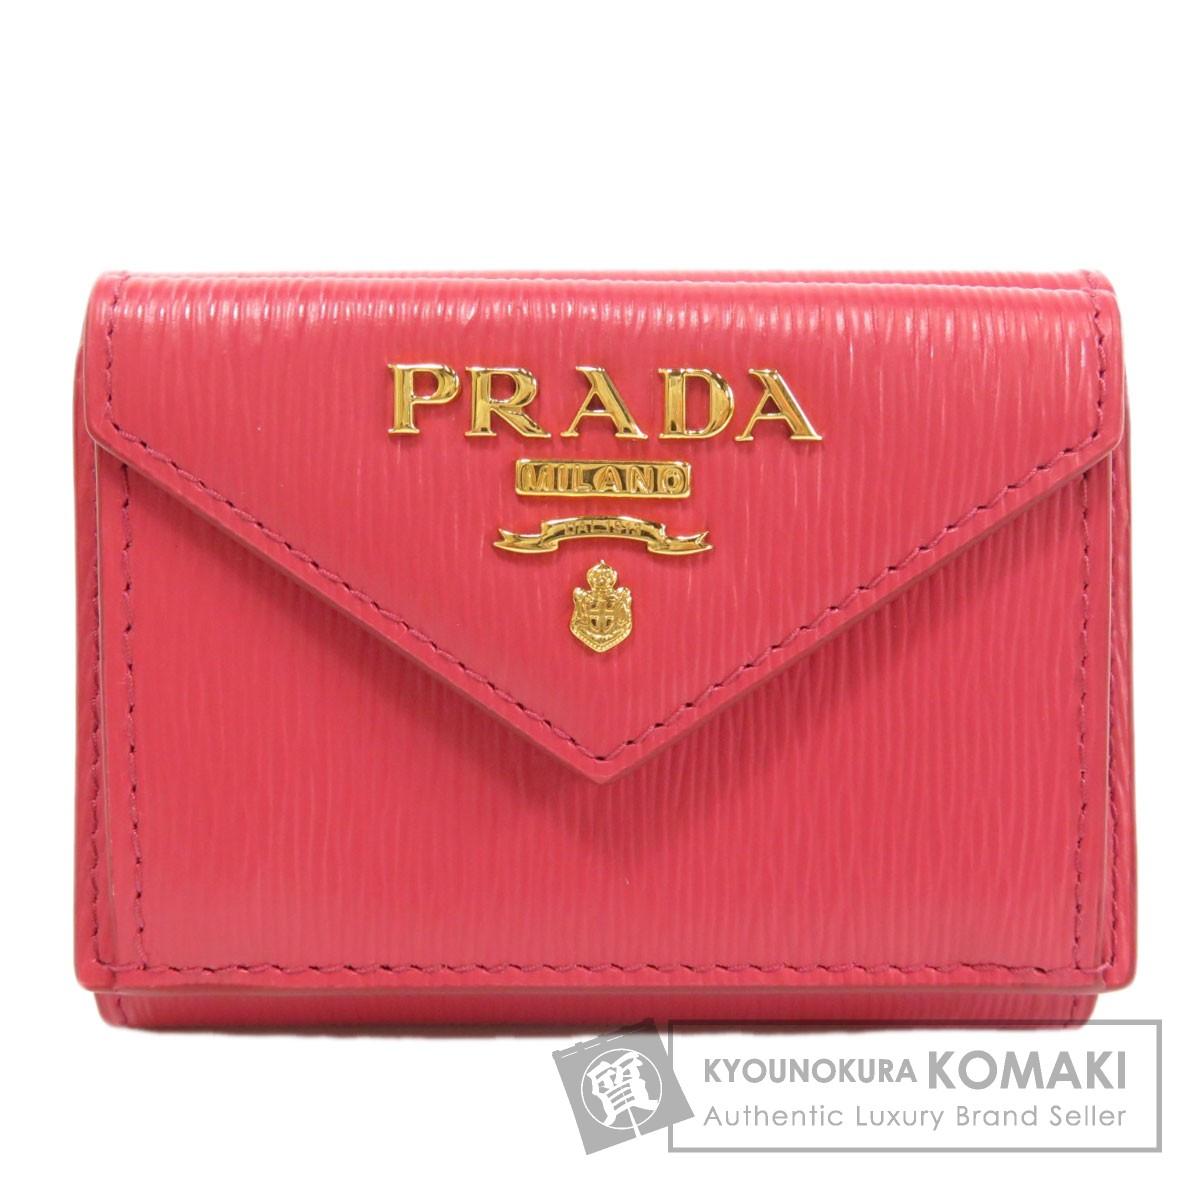 プラダ 1MH021 ヴィッテロ ムーヴ 三つ折り 二つ折り財布(小銭入れあり) レザー レディース 【中古】【PRADA】